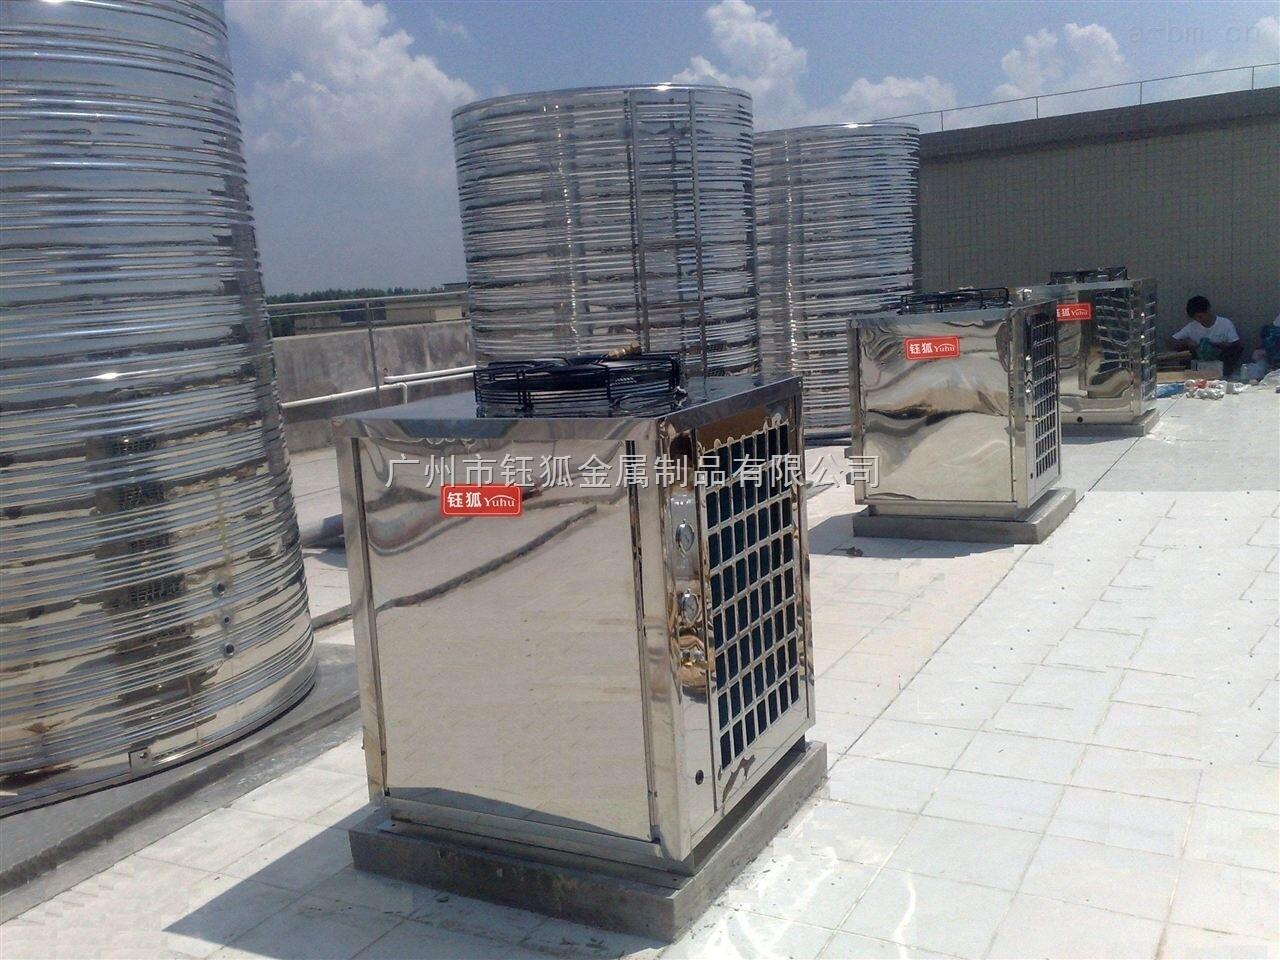 全面代替燃气热水器.电热水器.太阳能热水器.水电完全分离.